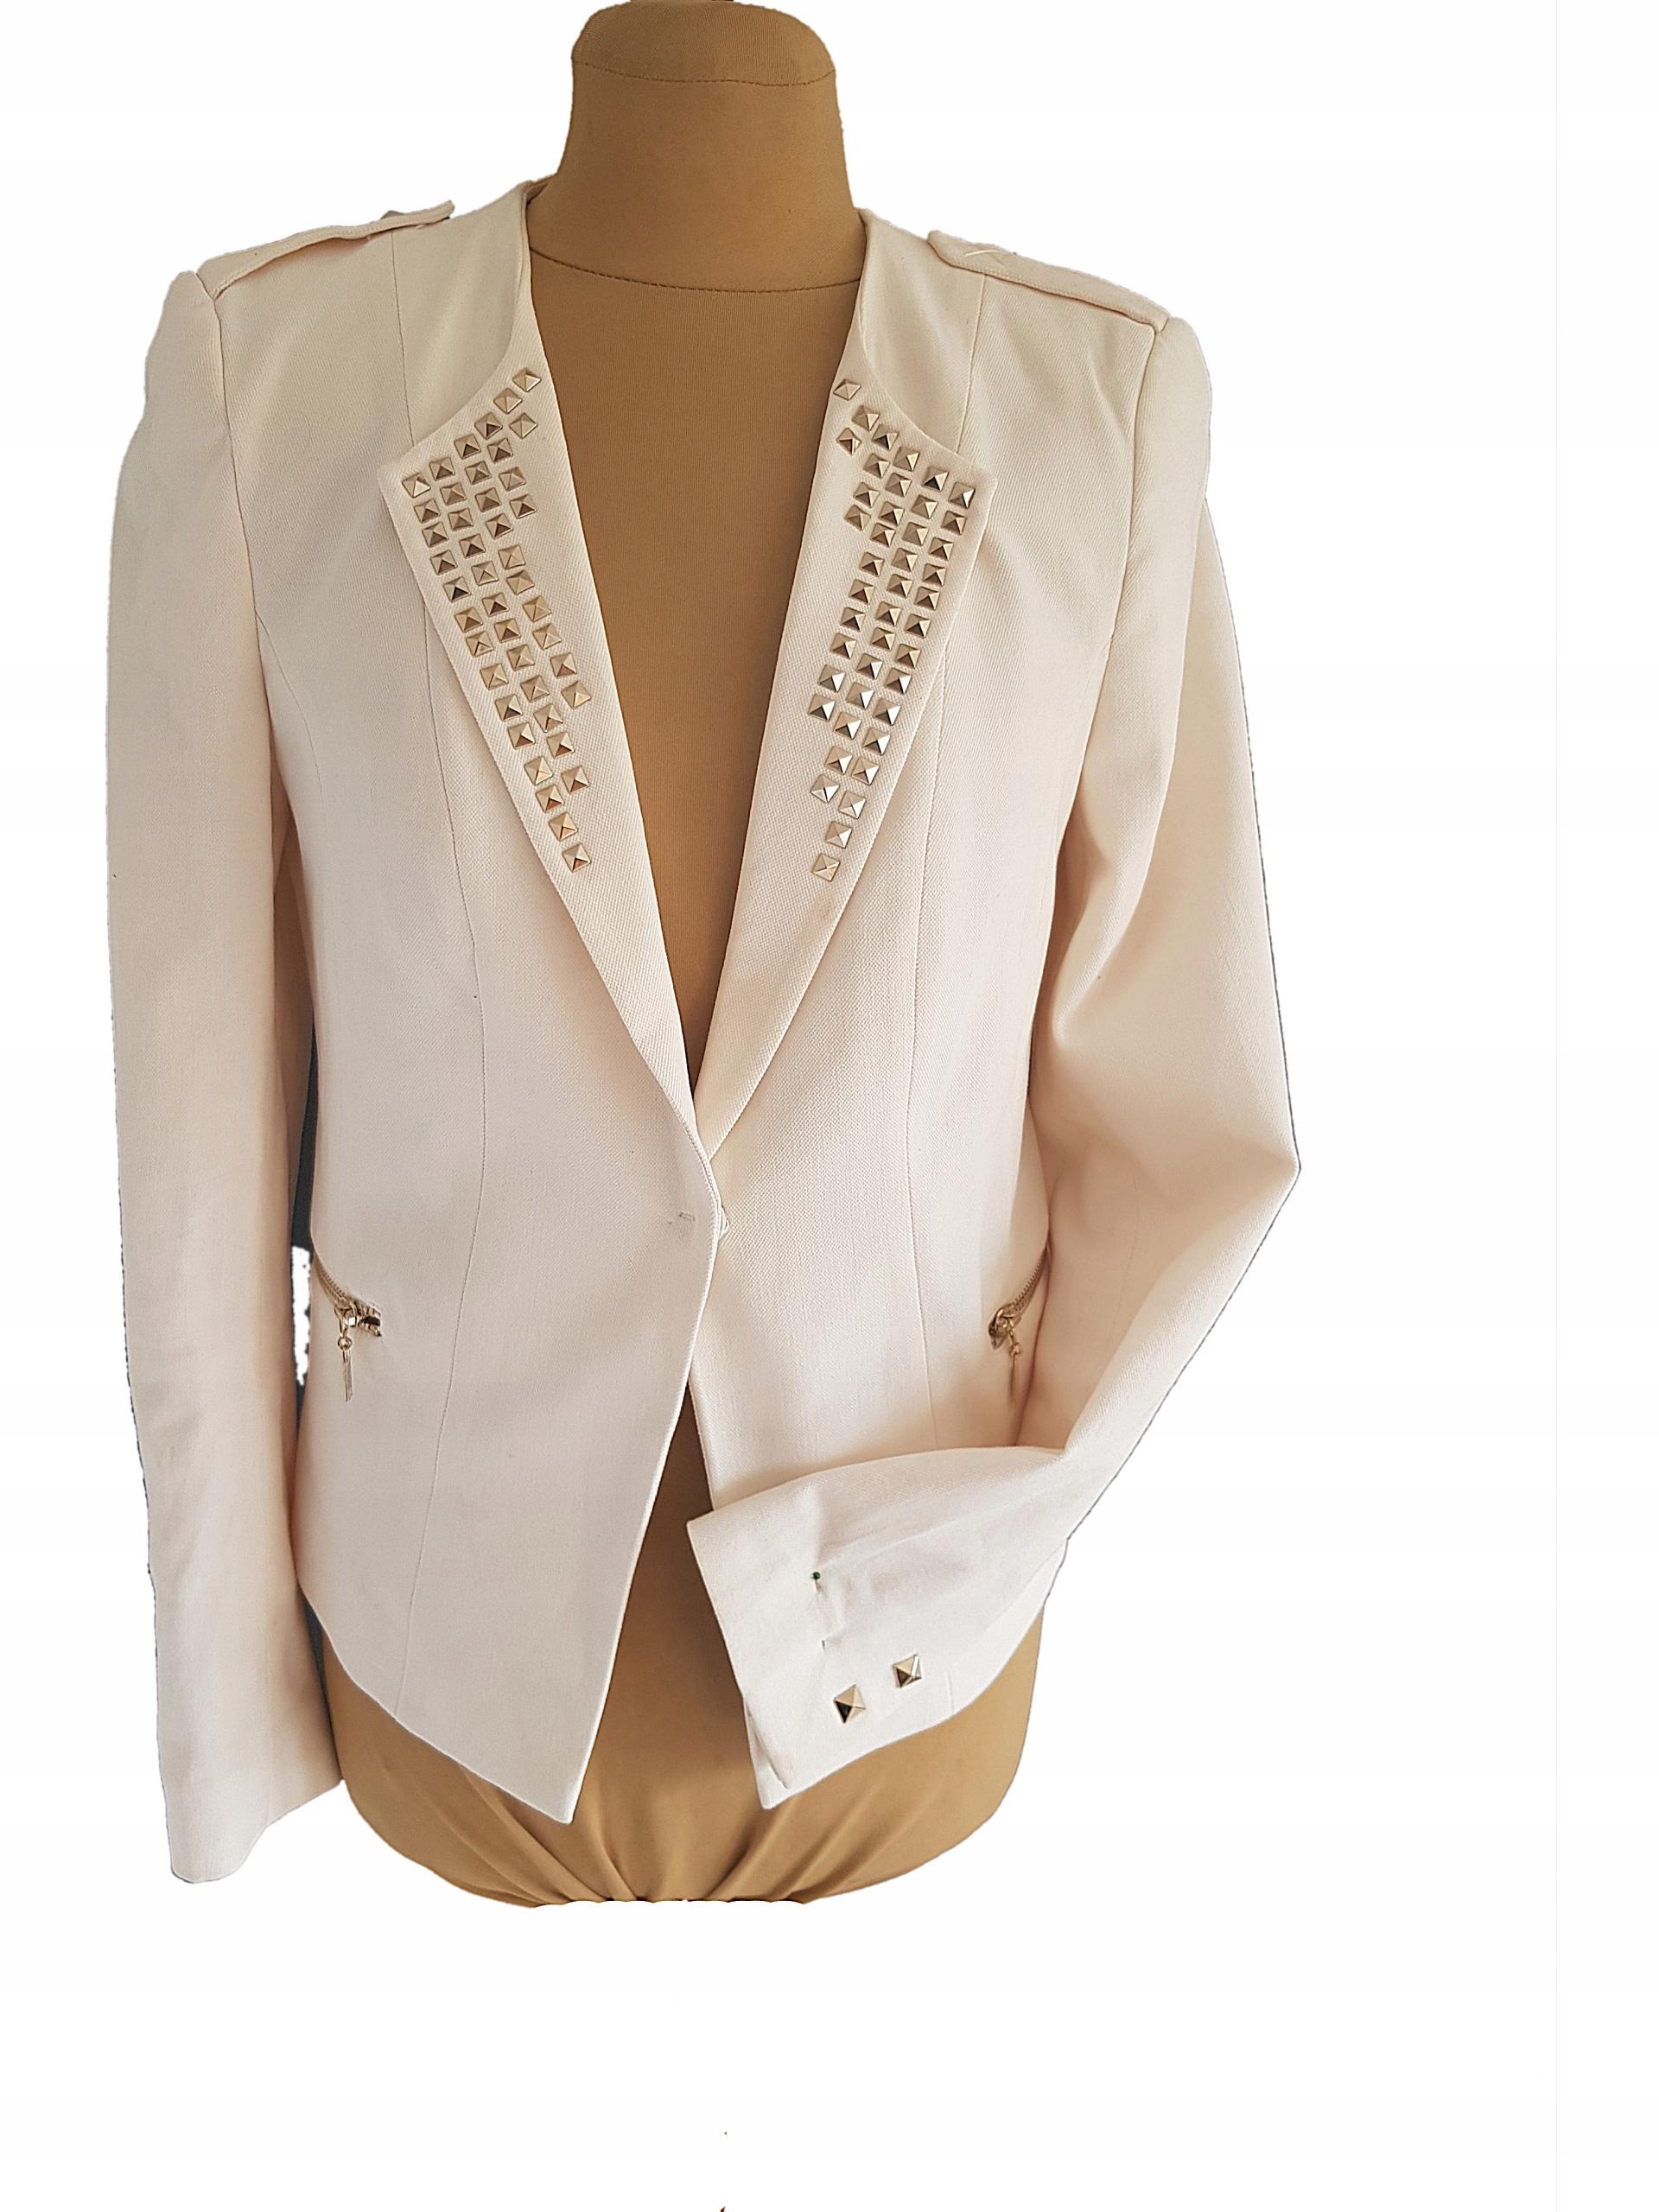 H&M-modny śmietankowy żakiet 40 j,nowy